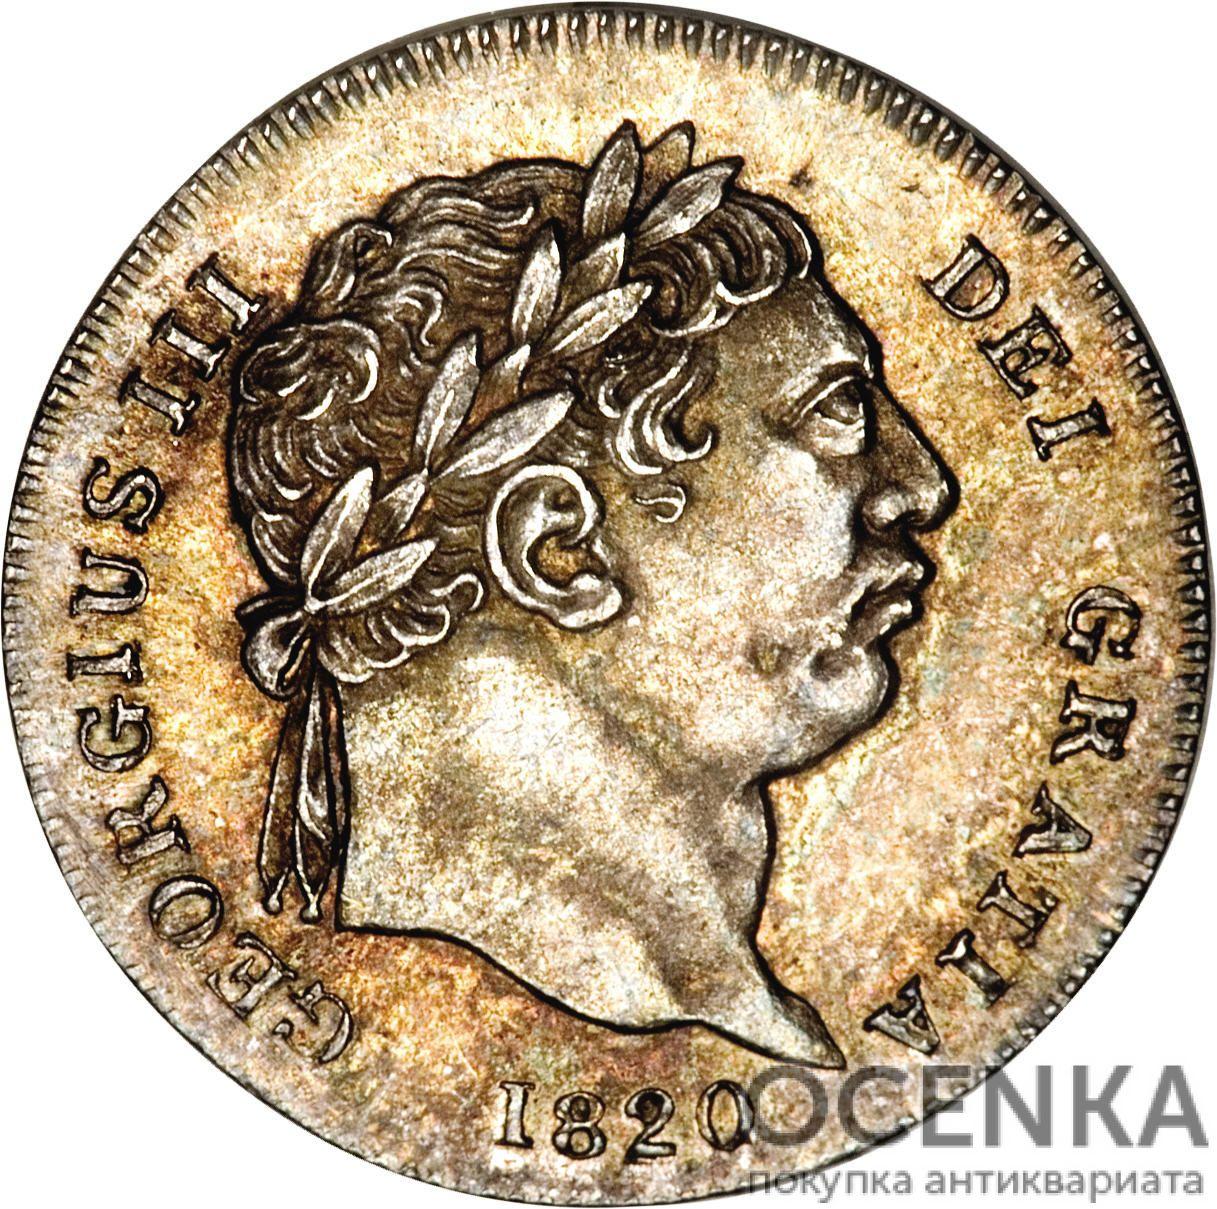 Серебряная монета 2 Пенса (2 Pence) Великобритания - 3